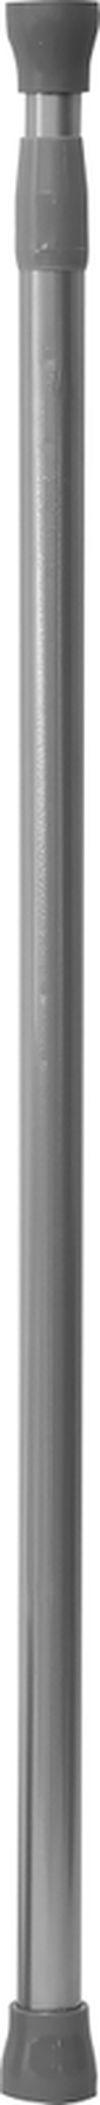 Карниз для шторки раздвижной 70-120cm, алюминиий, хром